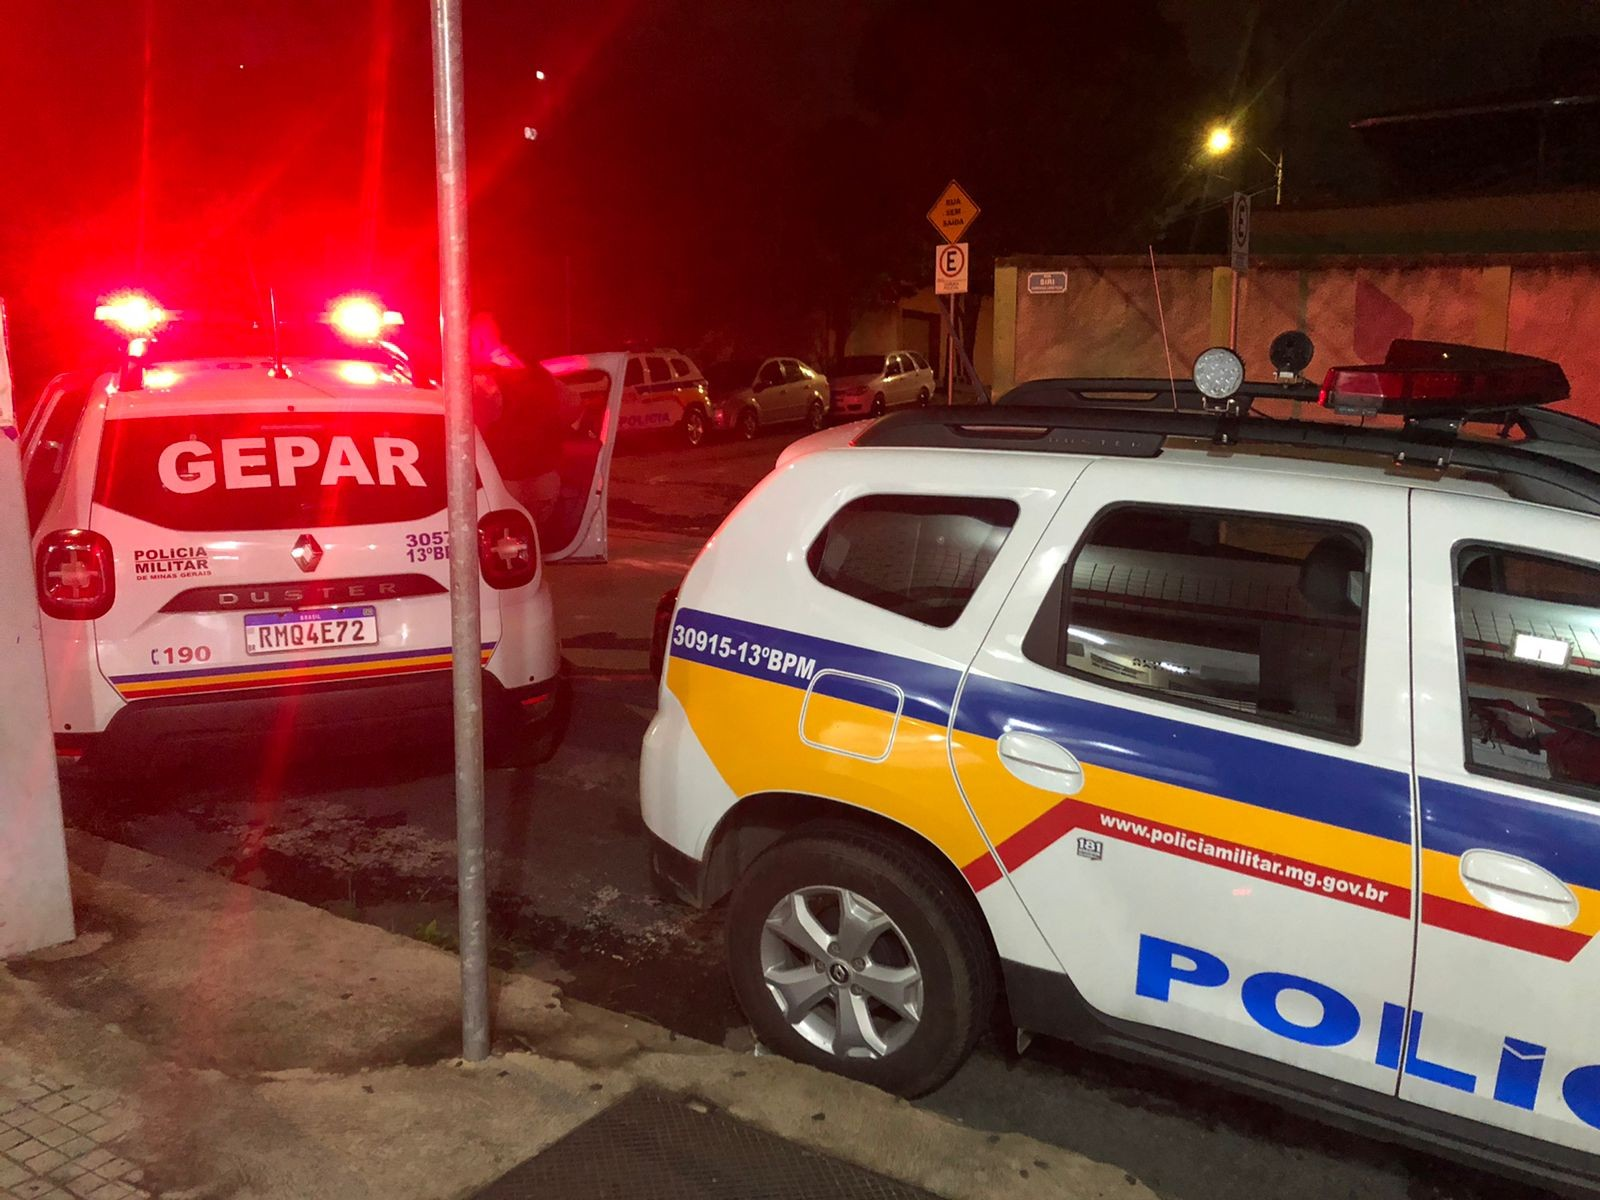 Suspeitos são presos após assalto a pizzaria e perseguição em BH